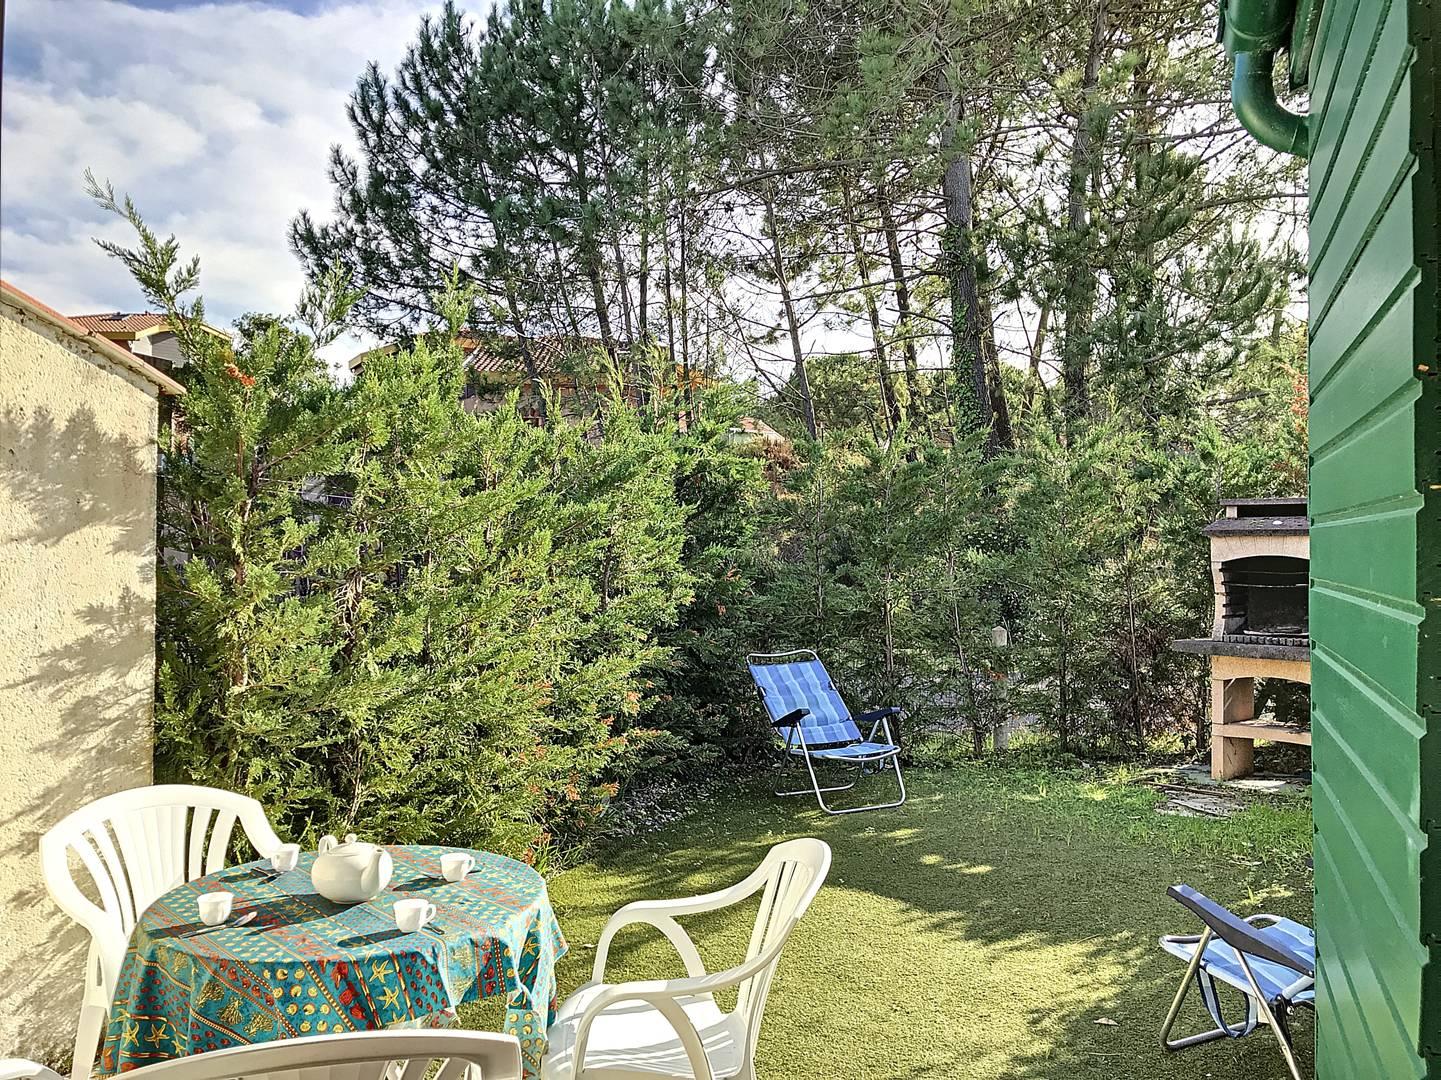 Villa de vacances pour 4 à louer à Moliets <mark>avec piscine</mark>